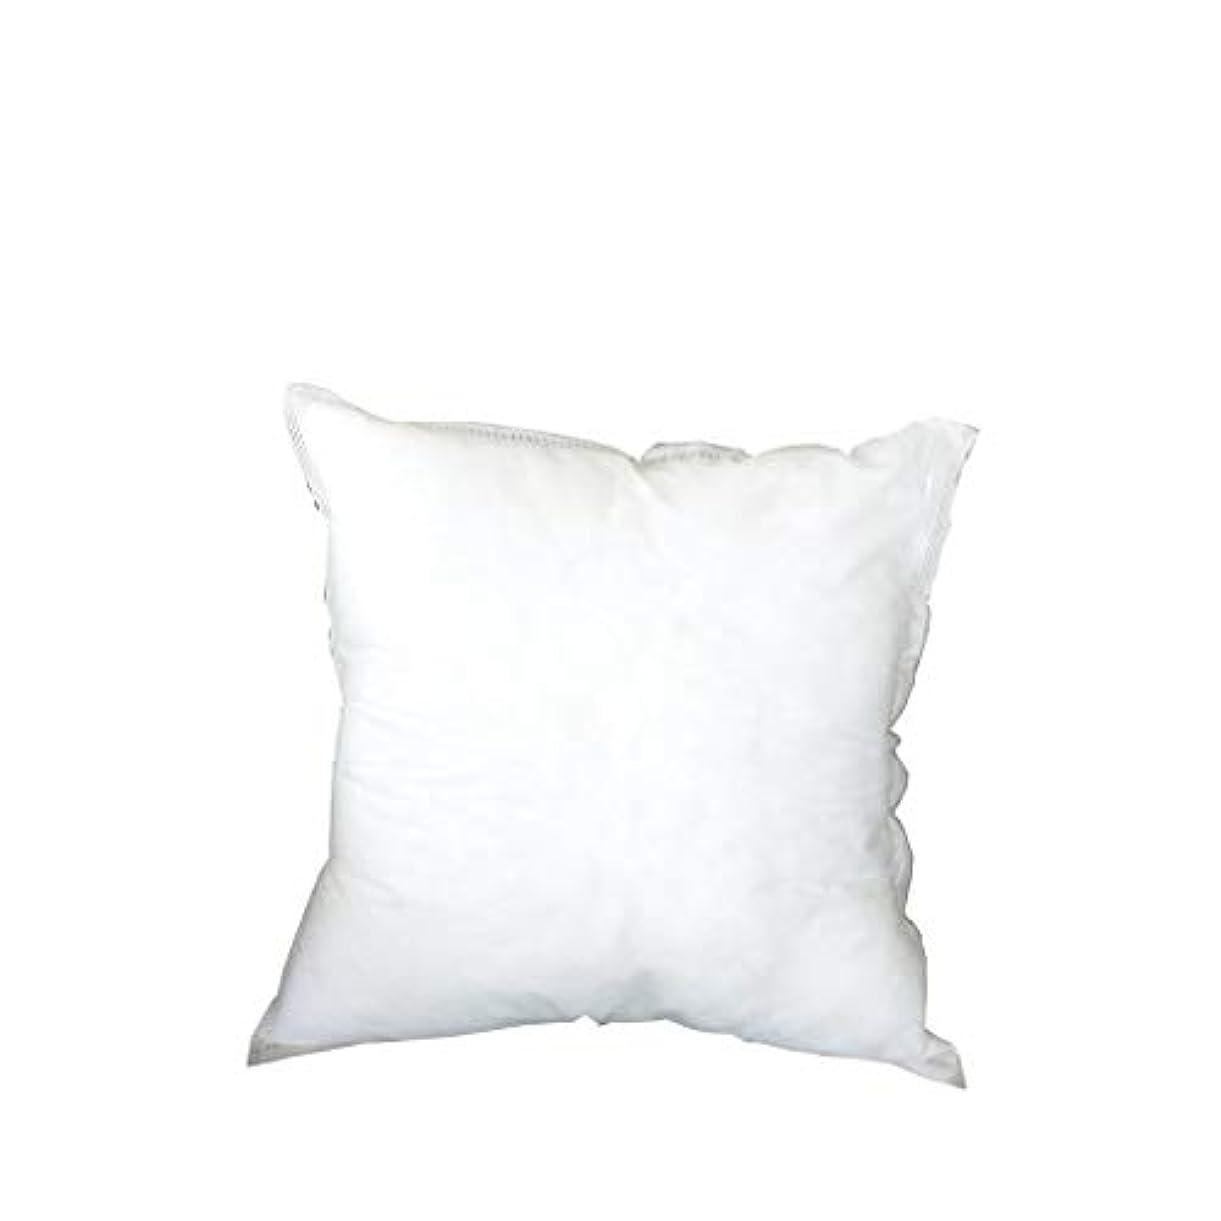 援助多年生深さLIFE 寝具正方形 PP 綿枕インテリア家の装飾白 45 × 45 車のソファチェアクッション coussin decoratif 新 クッション 椅子